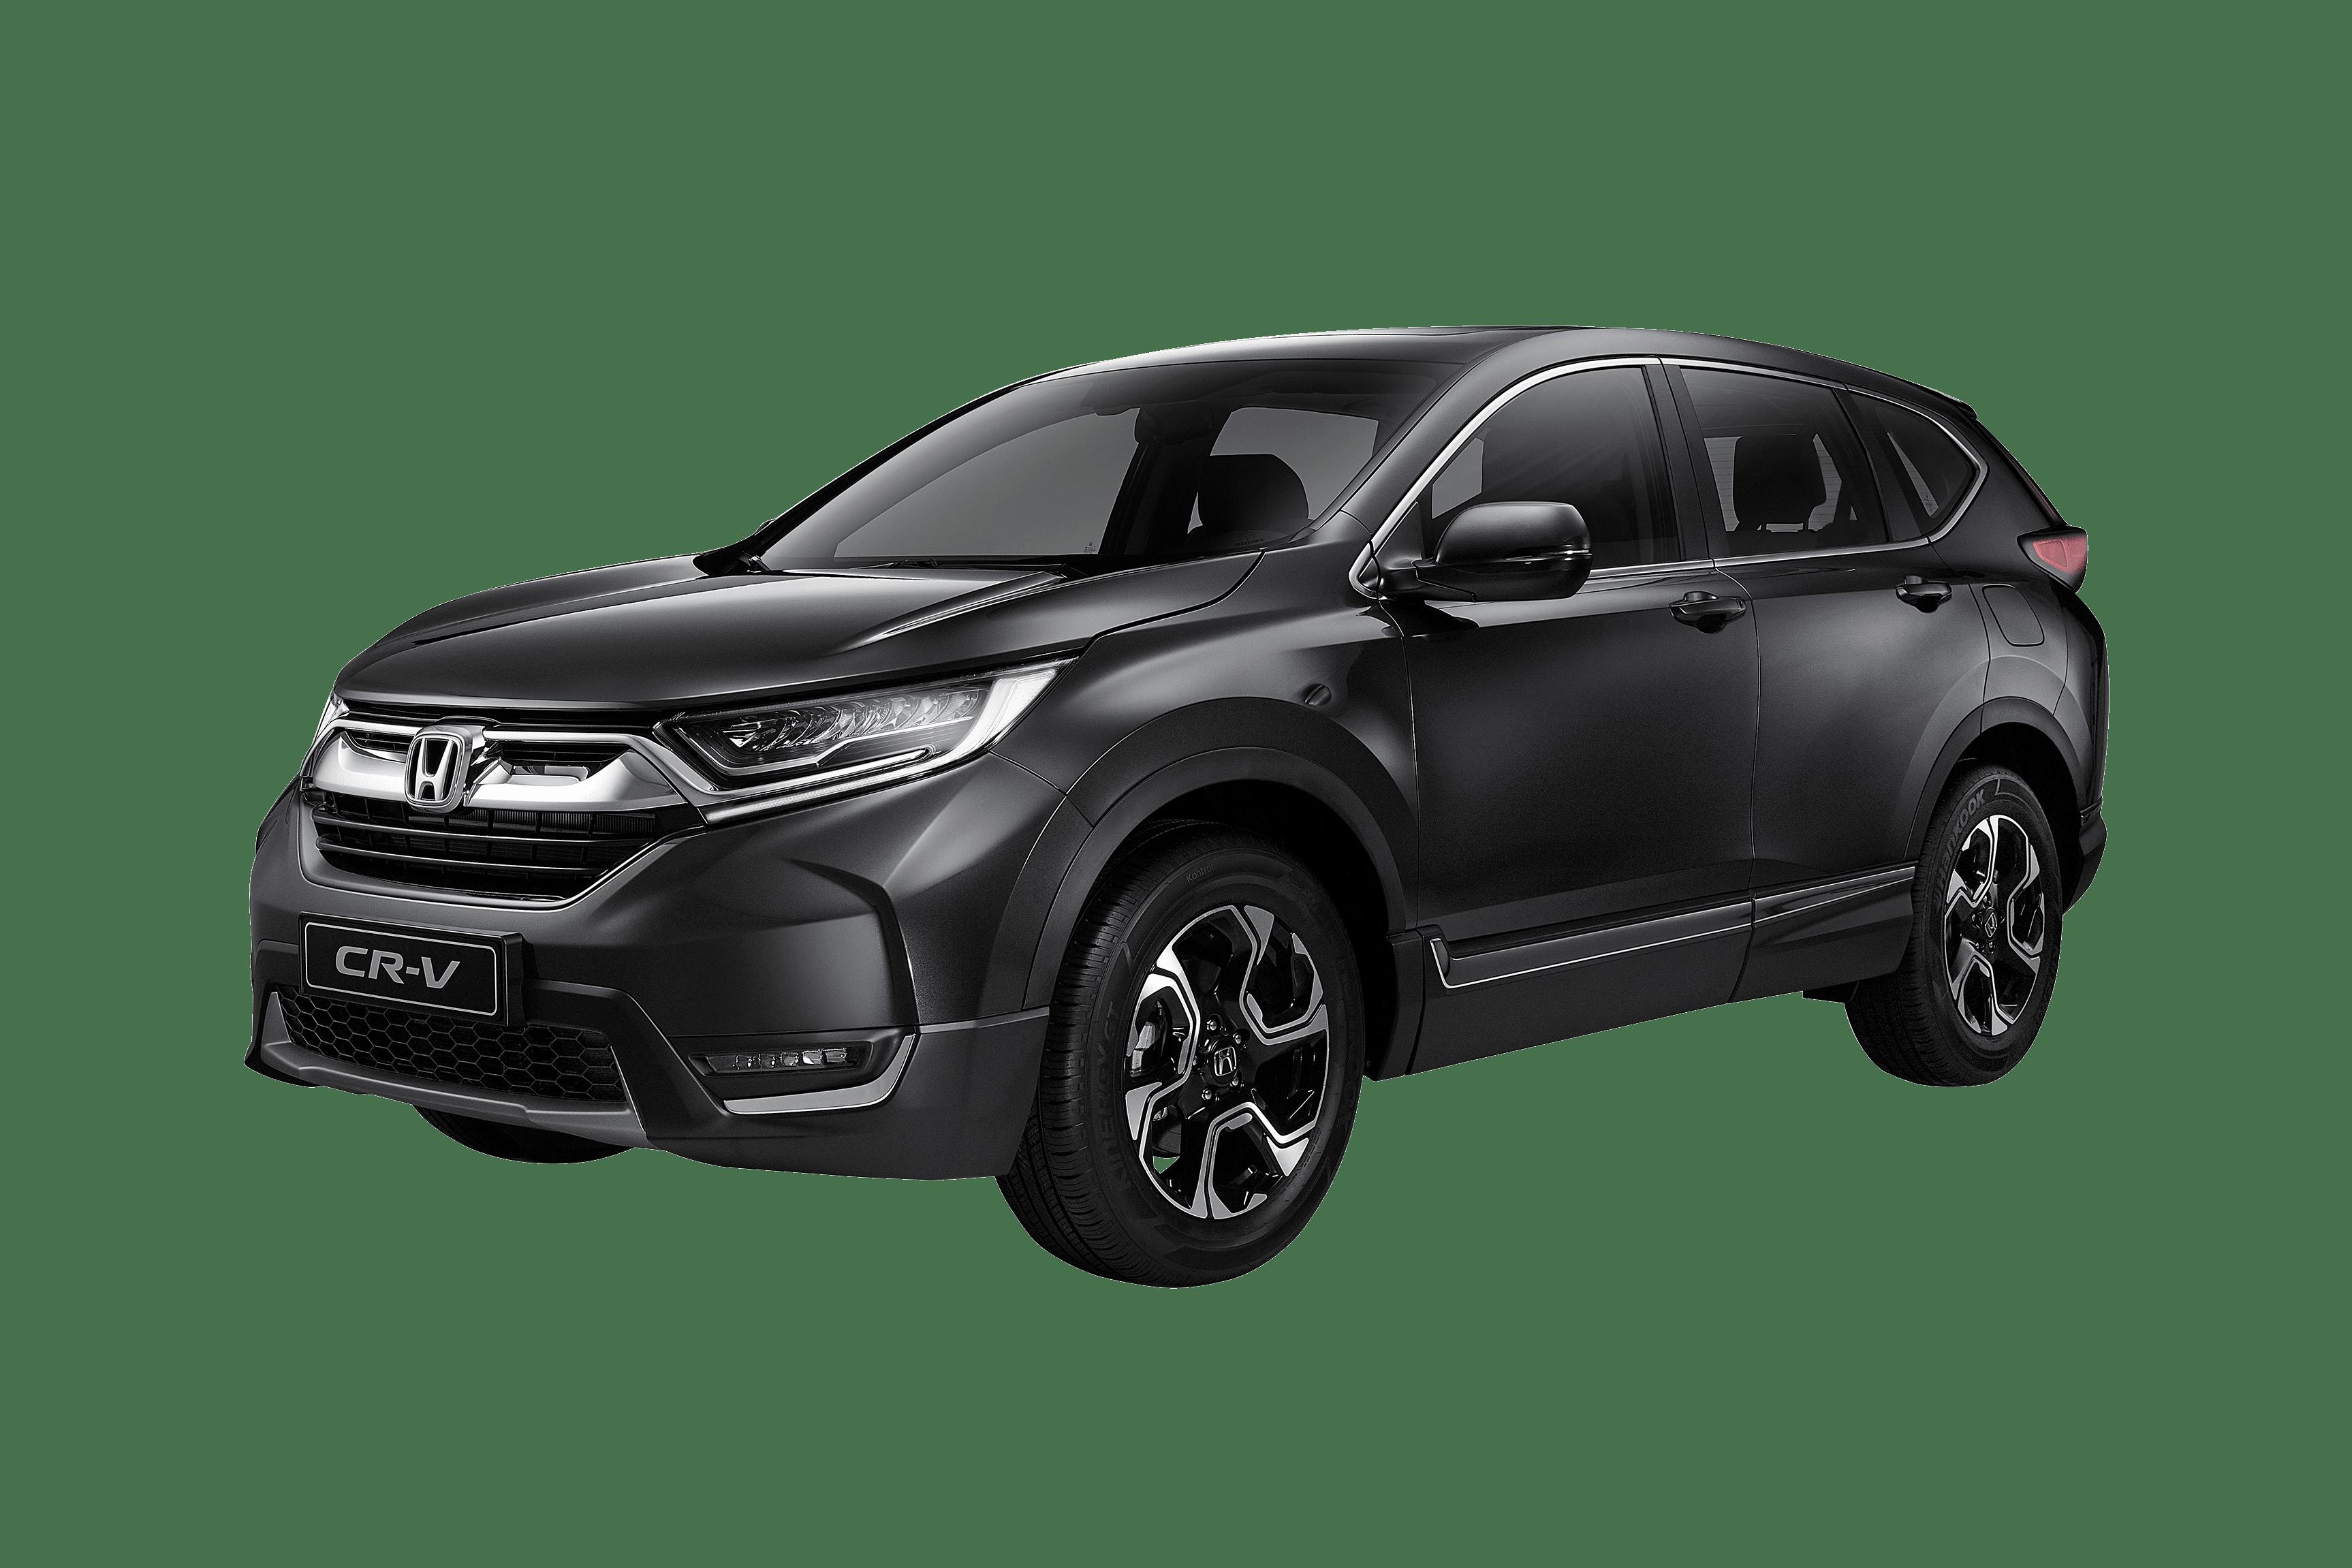 Kelebihan Kekurangan Harga Mobil Crv 2019 Spesifikasi